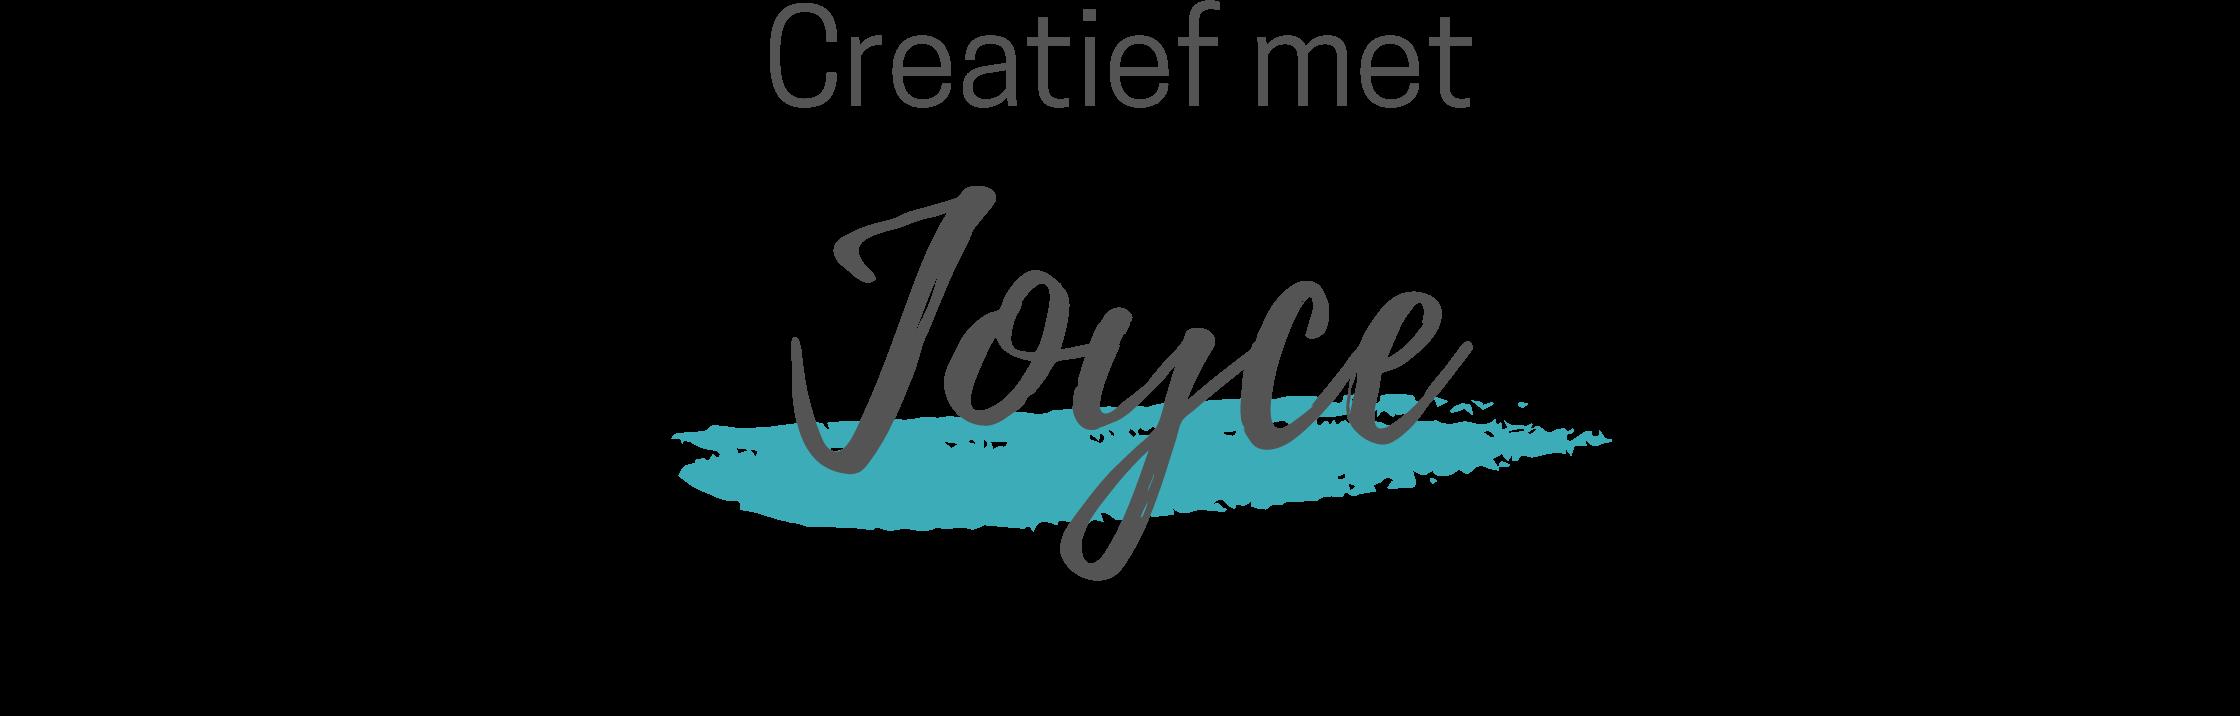 Creatief met Joyce